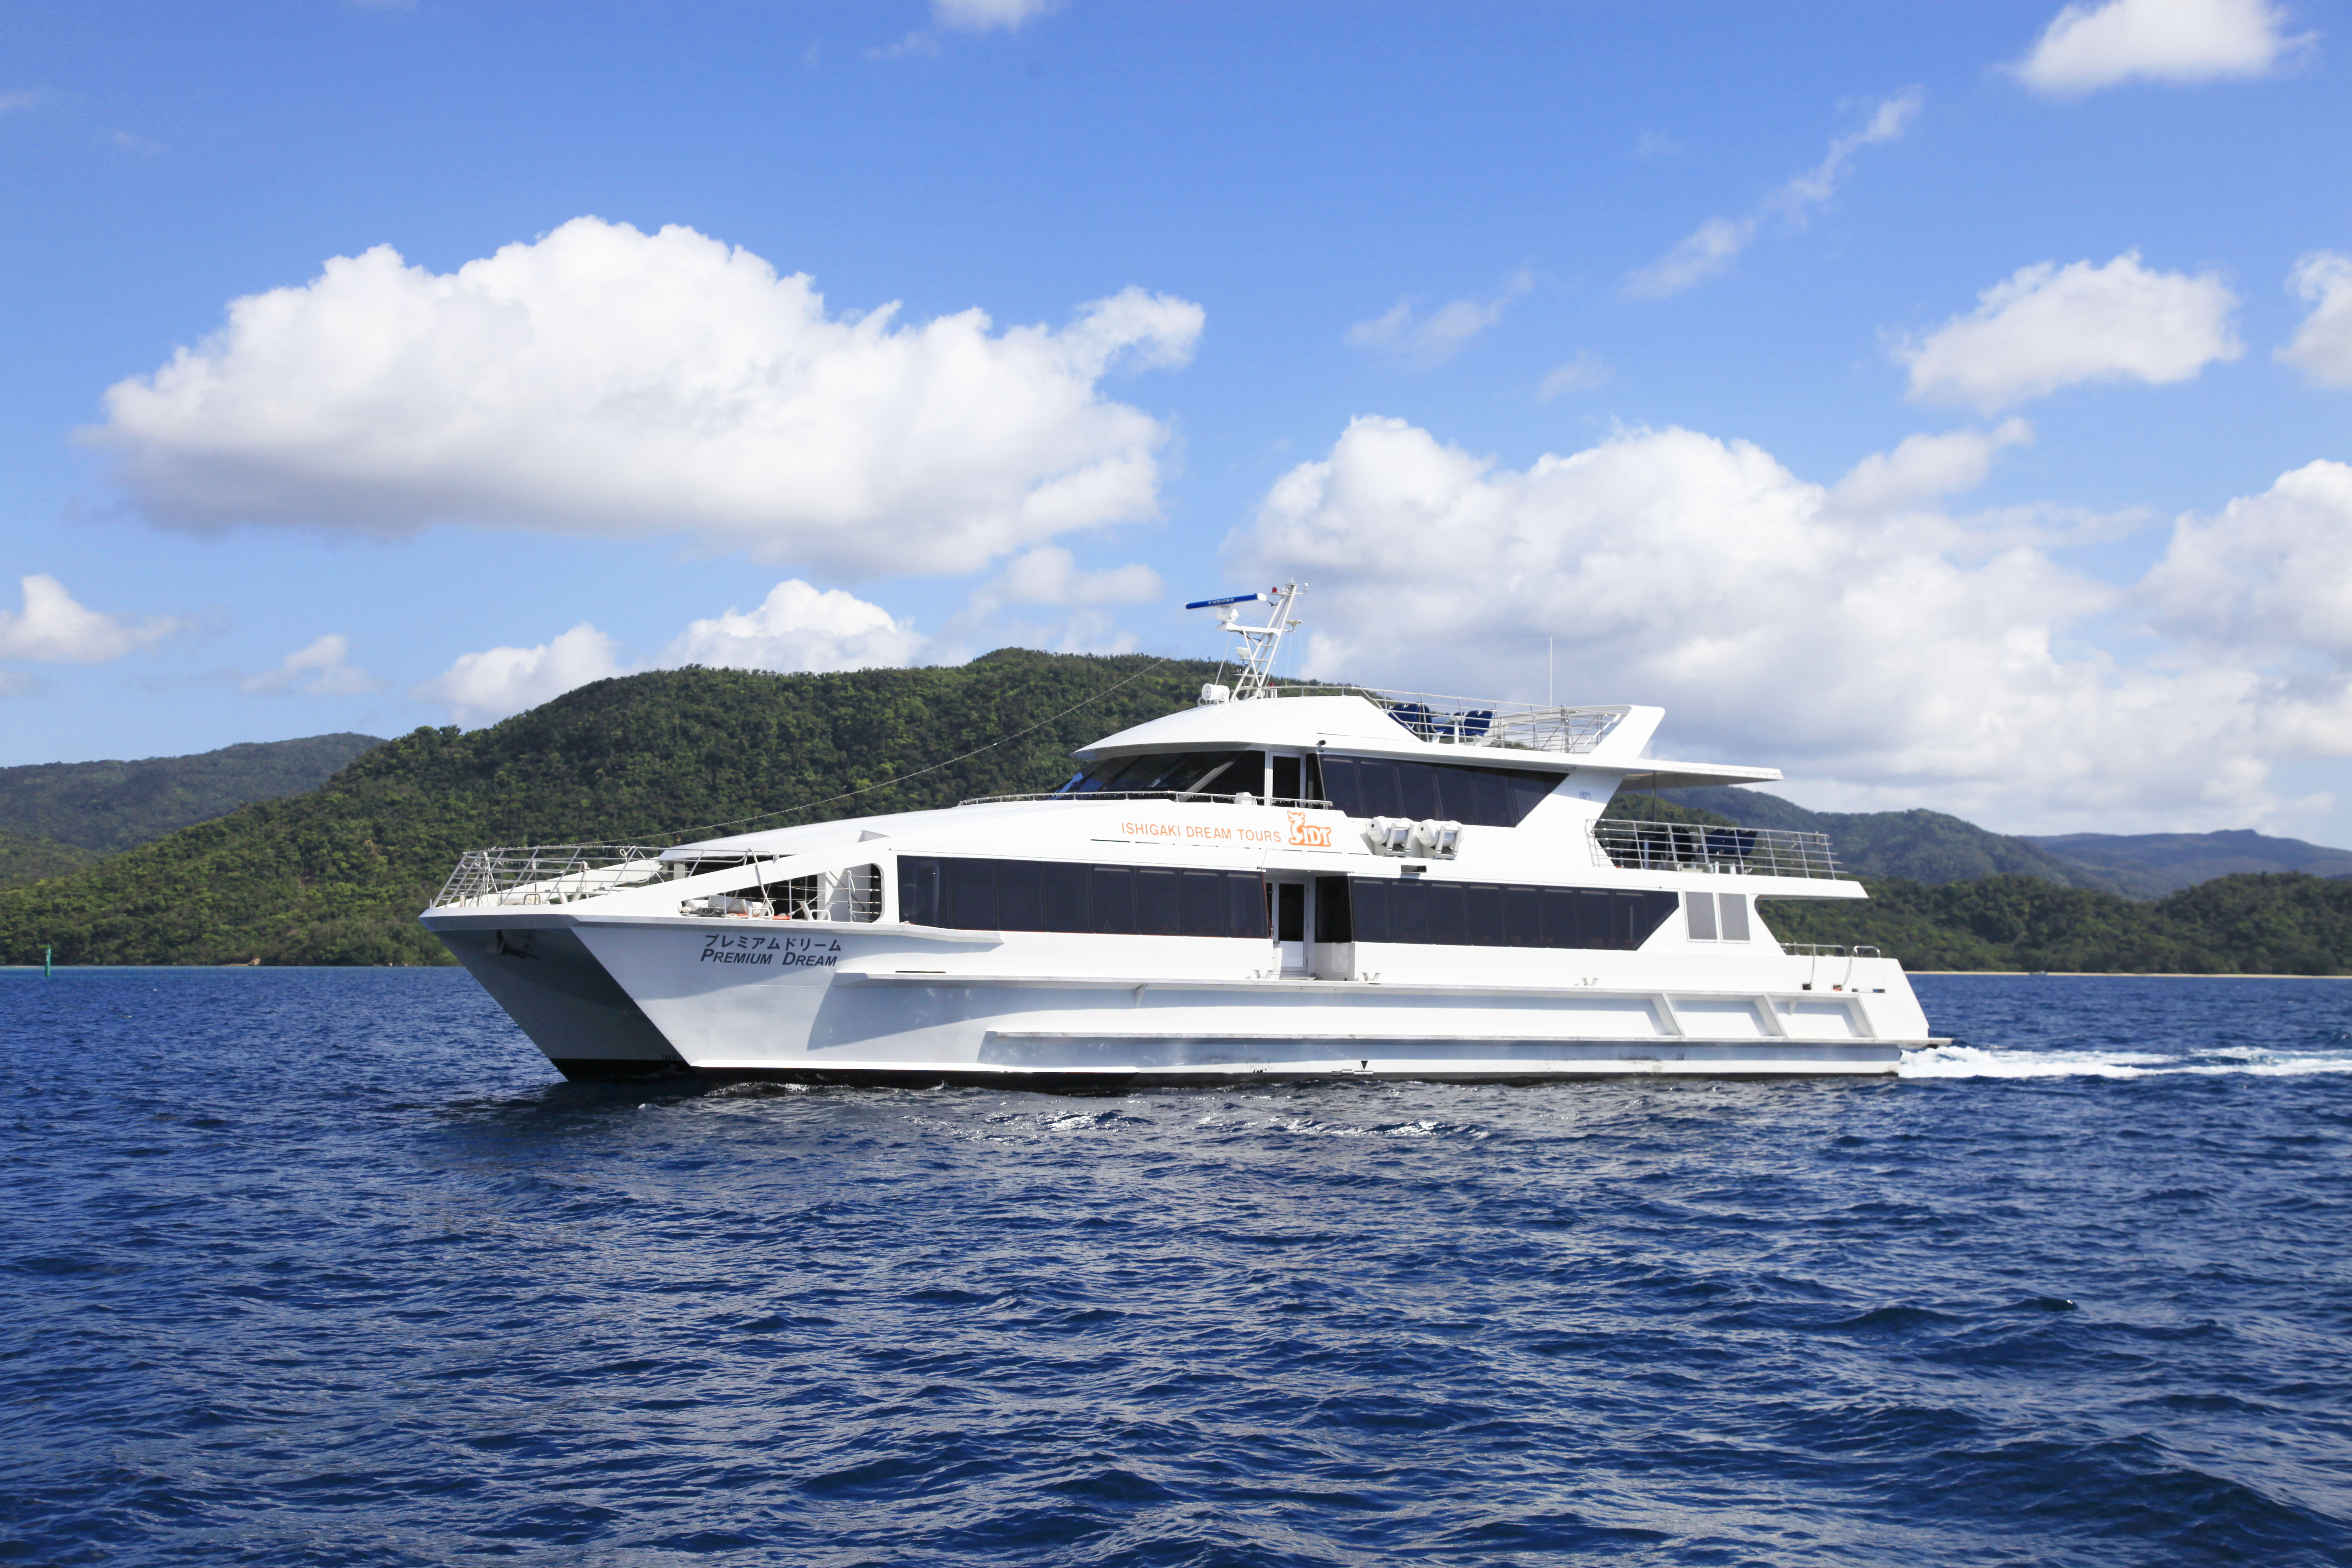 大型で快適な双胴船「プレミアムドリーム」